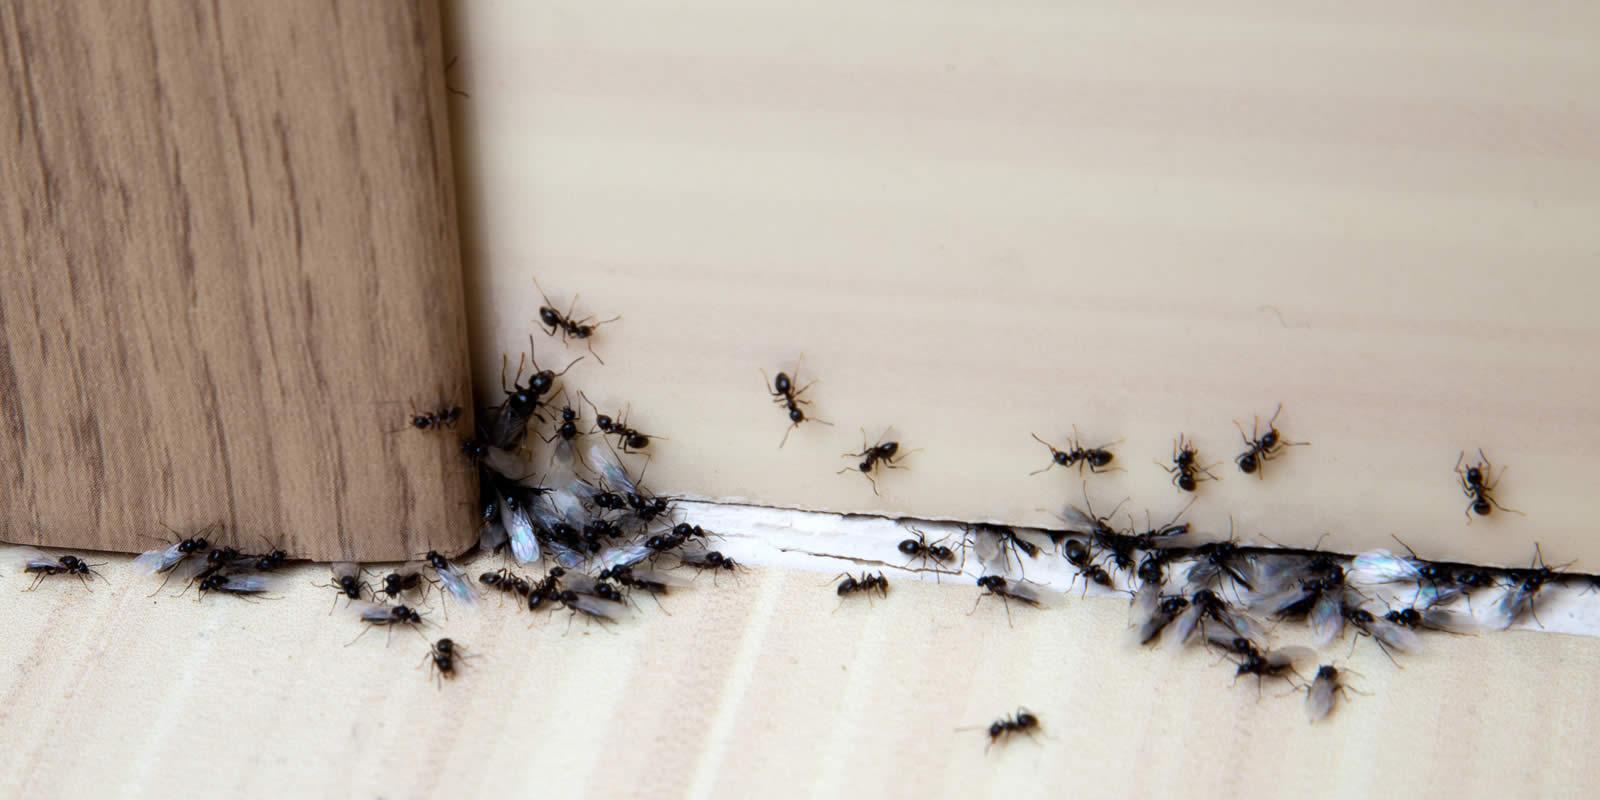 Hausmittel gegen Ameisen Tipps gegen Ameisen in der Wohnung